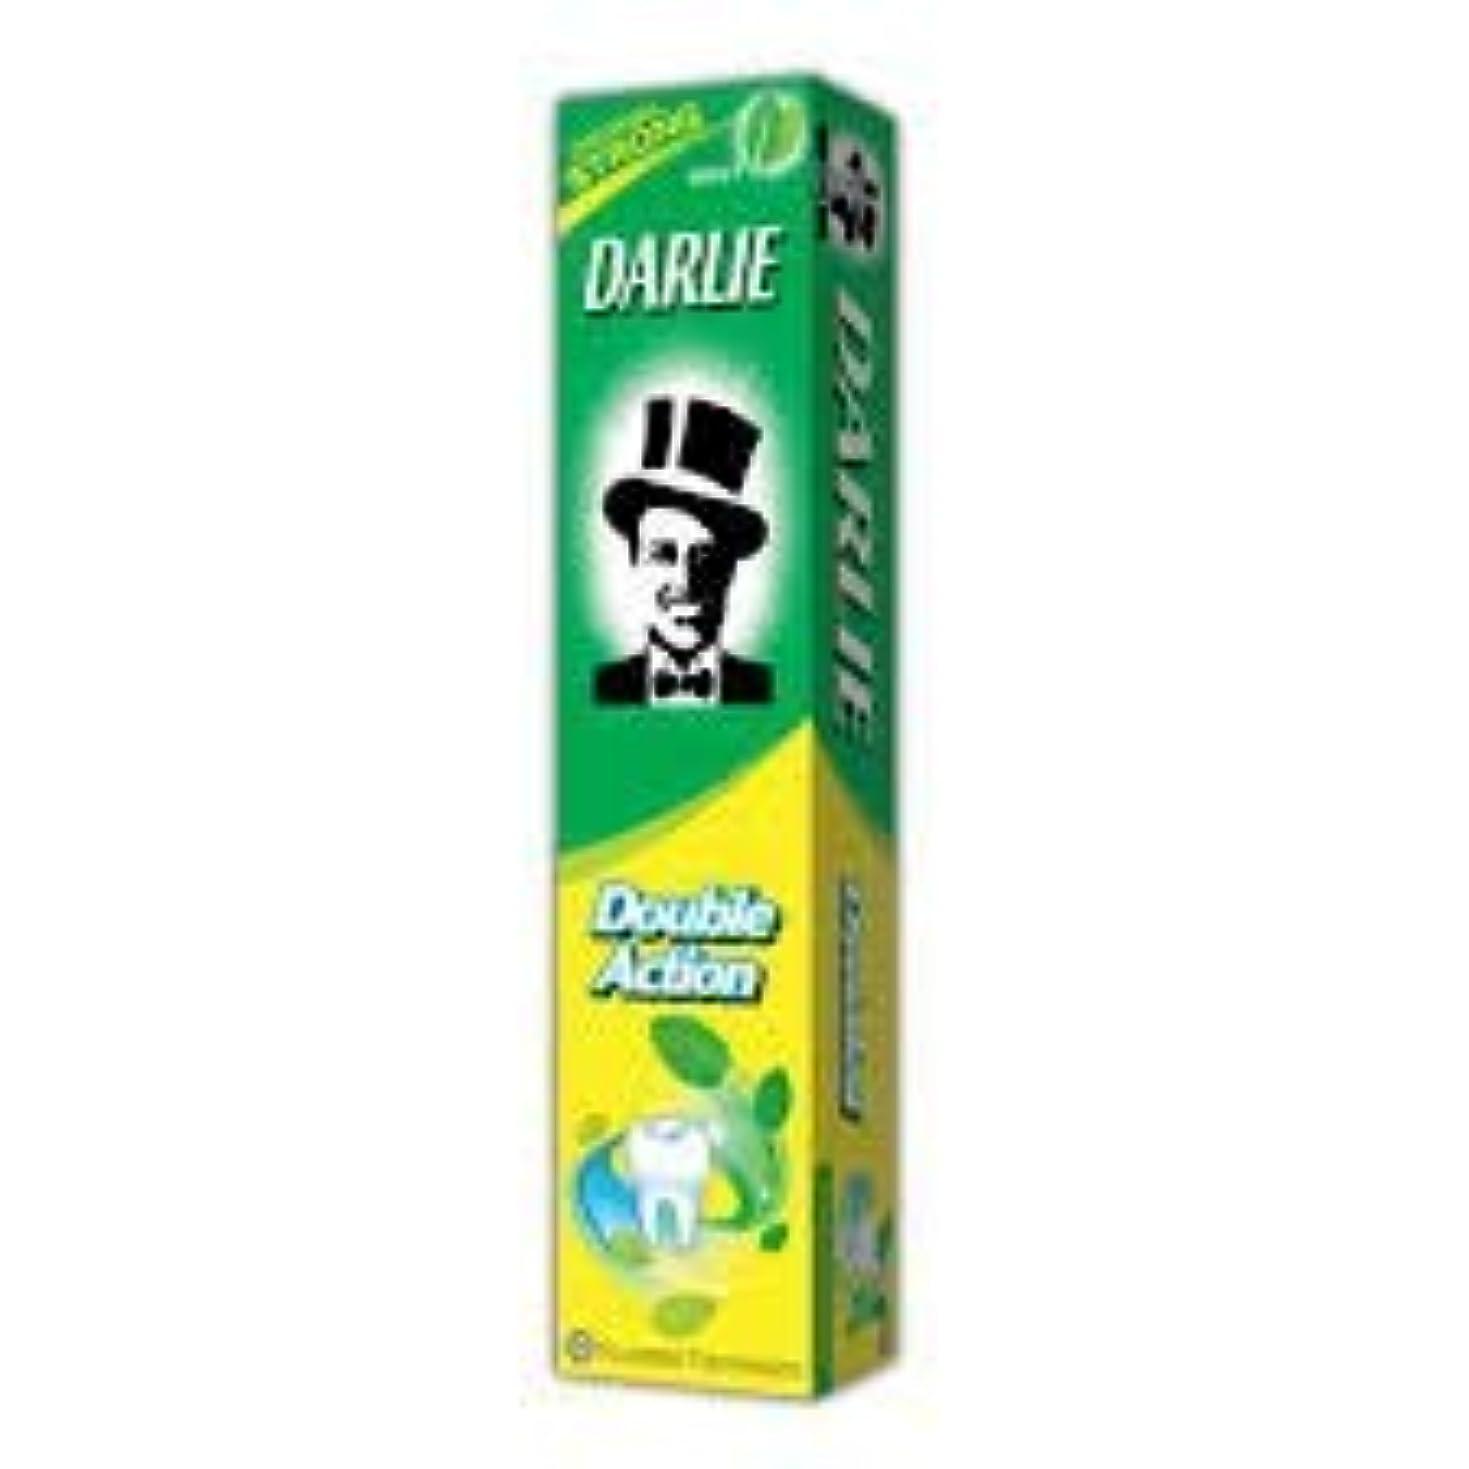 消毒剤すぐにいくつかのDARLIE 歯磨き粉ジャンボ 250g-12 時間のためのより長く持続する新鮮な息を与える-効果的に経口細菌を減少させます